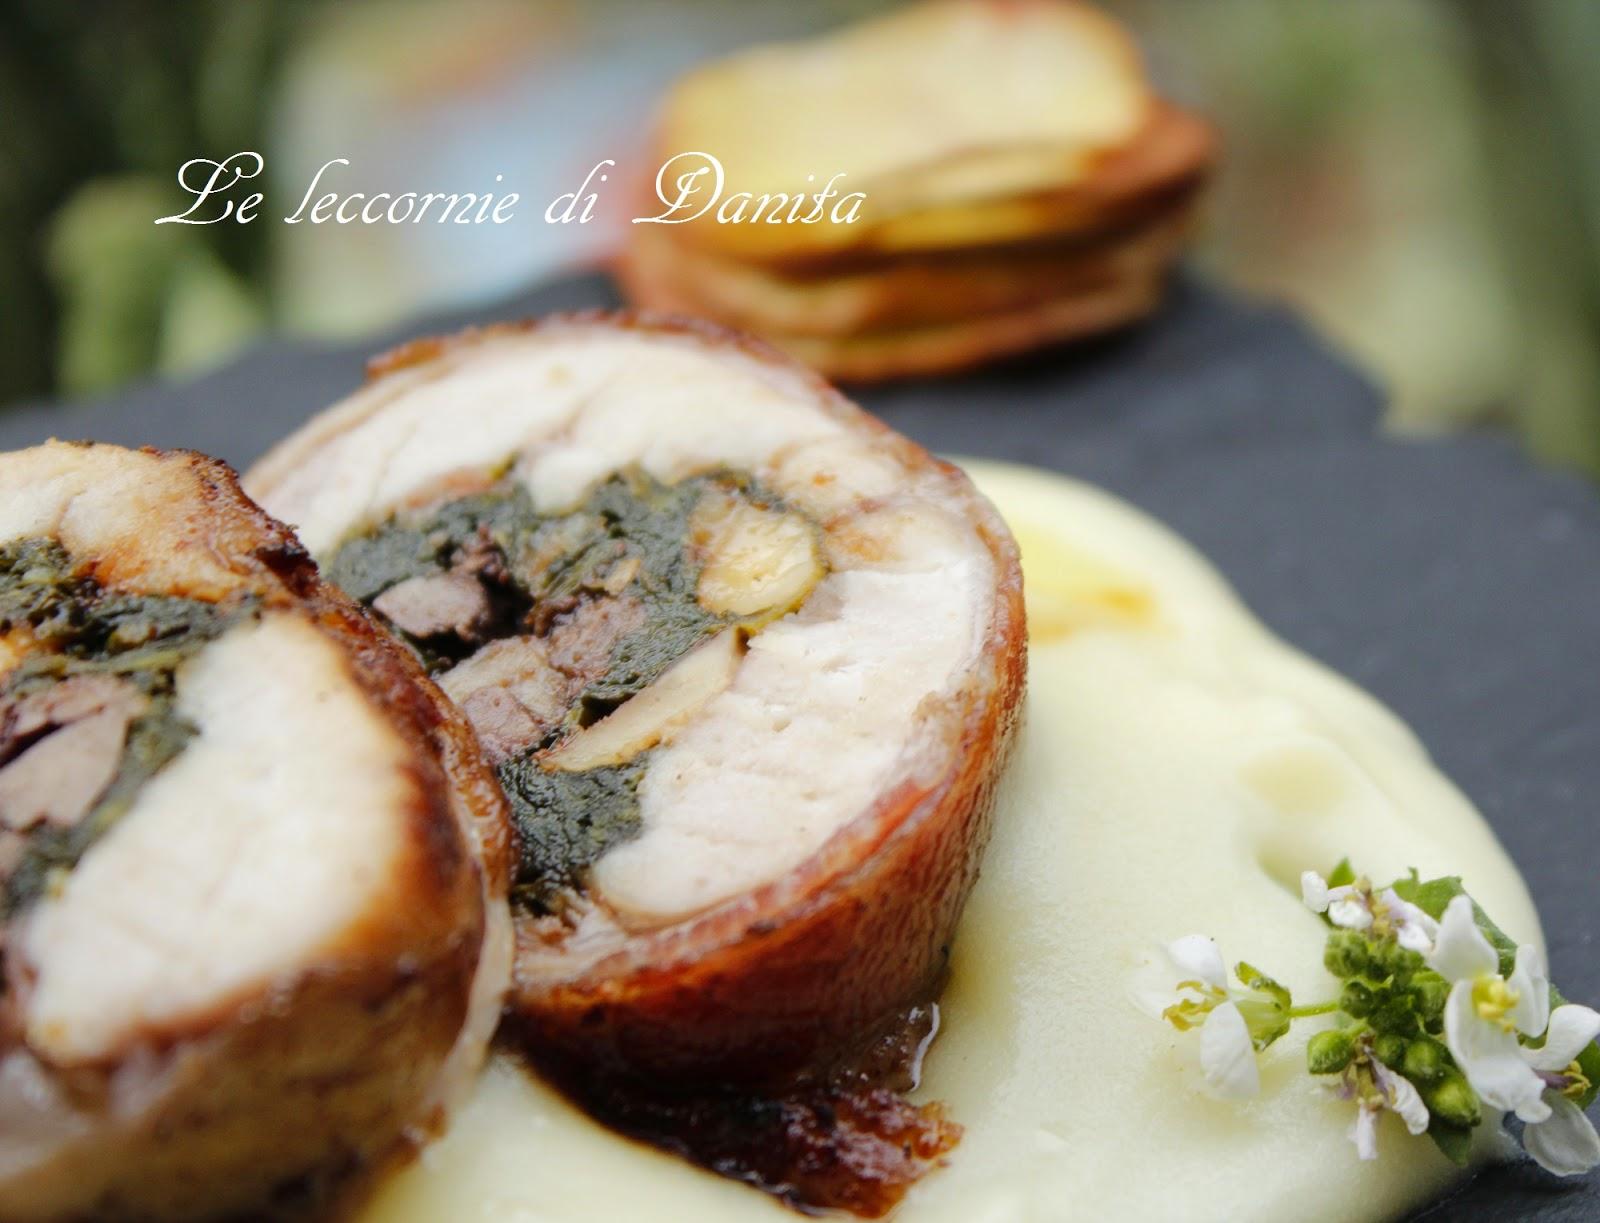 sella di coniglio ripiena al vin brulè e coscette arrosto.....ultimo coniglio nel piatto di danita??